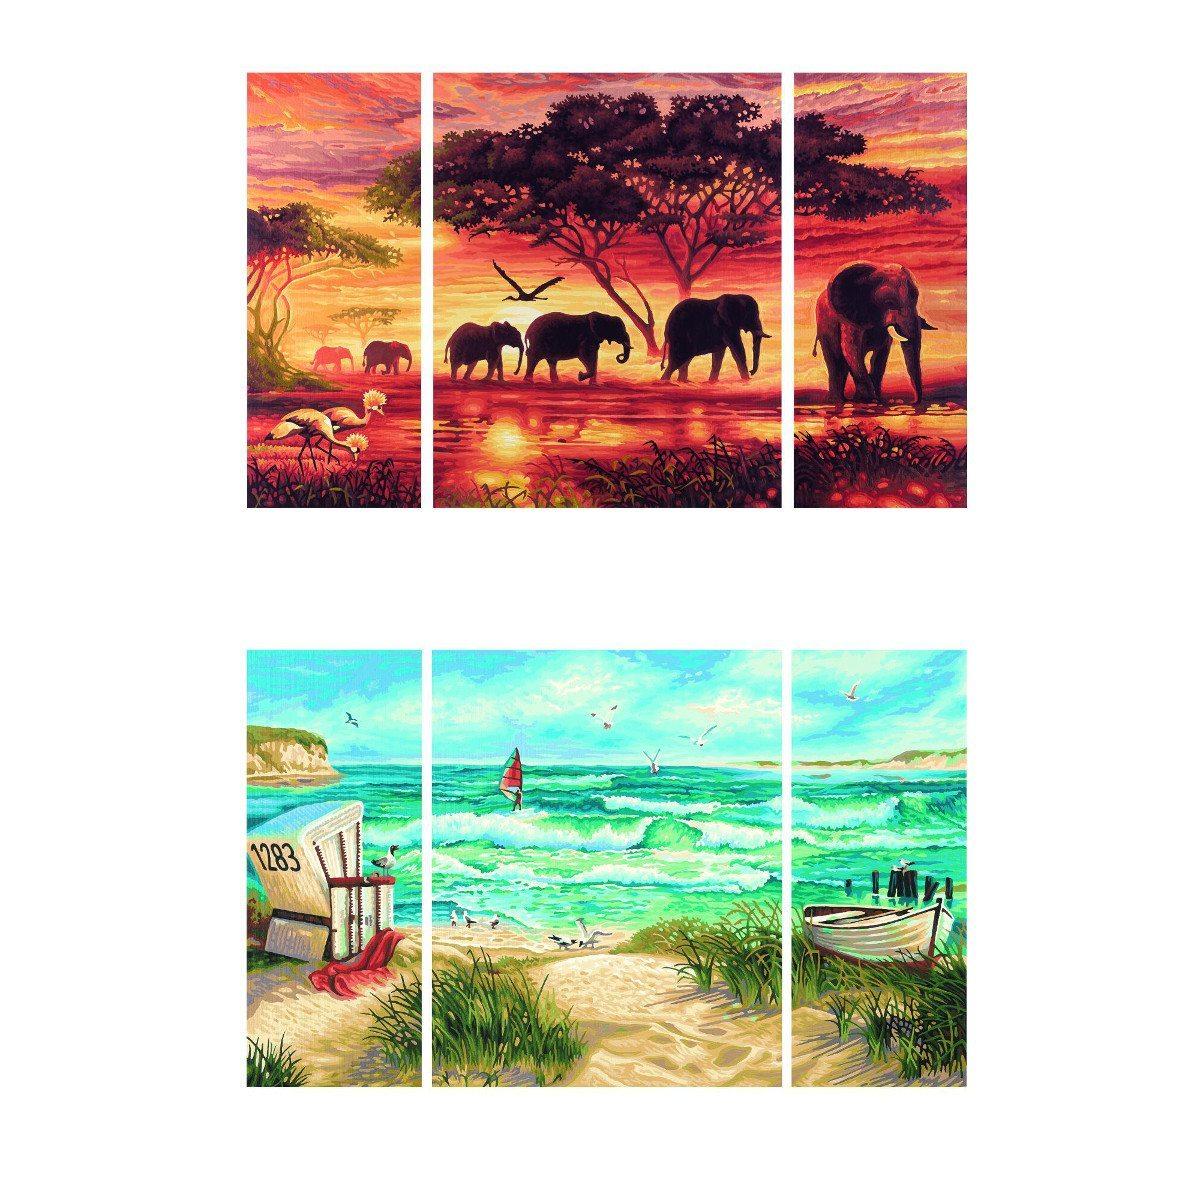 Malen nach Zahlen XL: 3-teiliges Gemälde